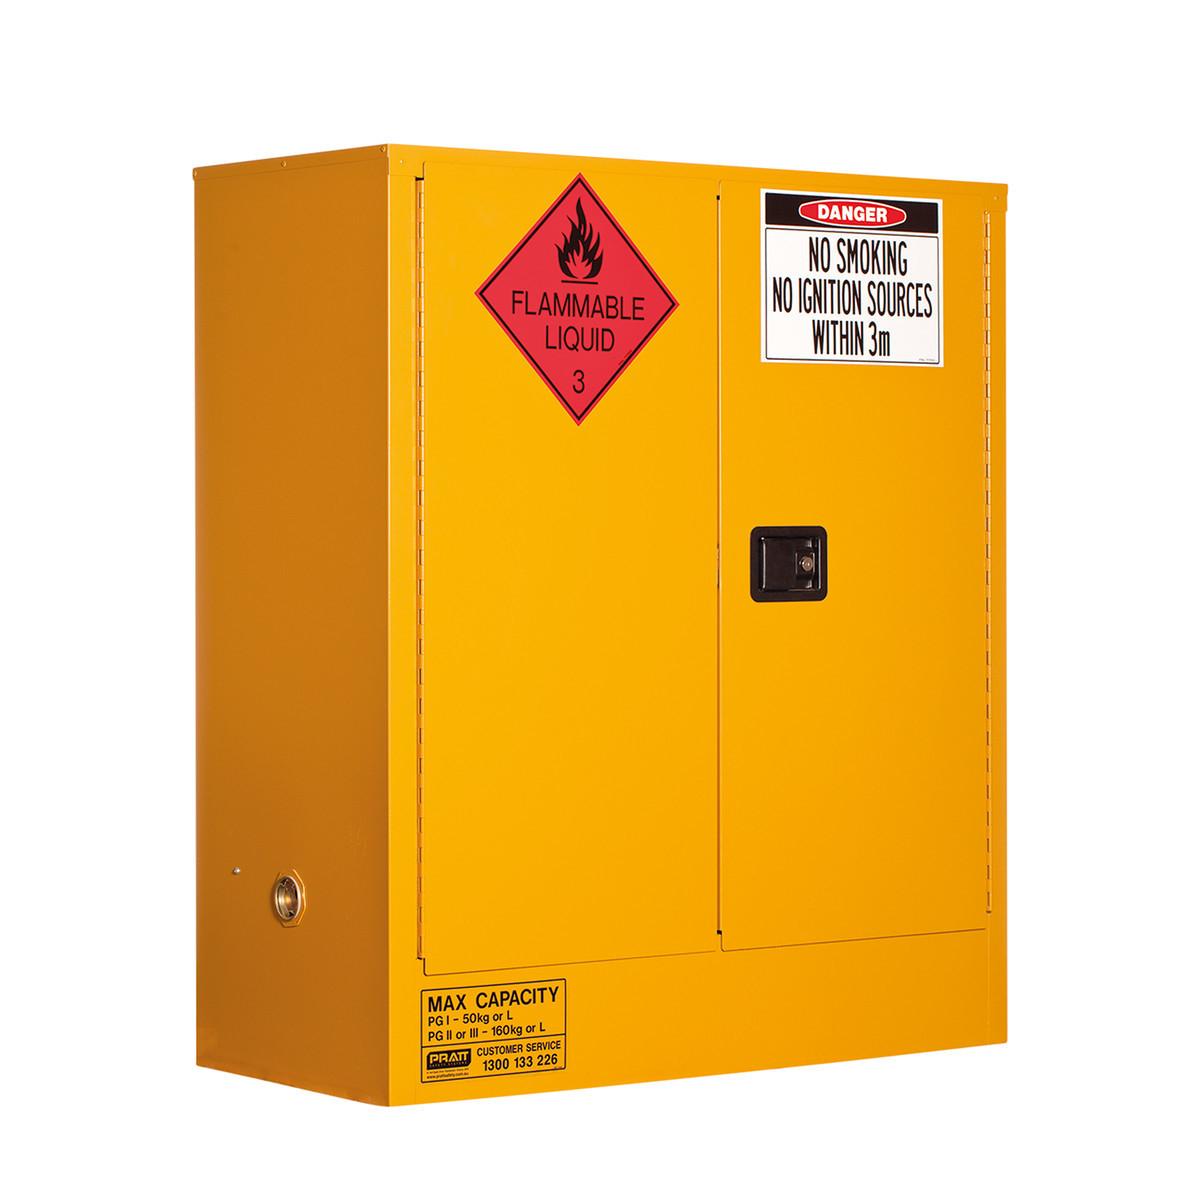 Flammable Storage Cabinet 160 Litres - 2 Door, 2 Shelf